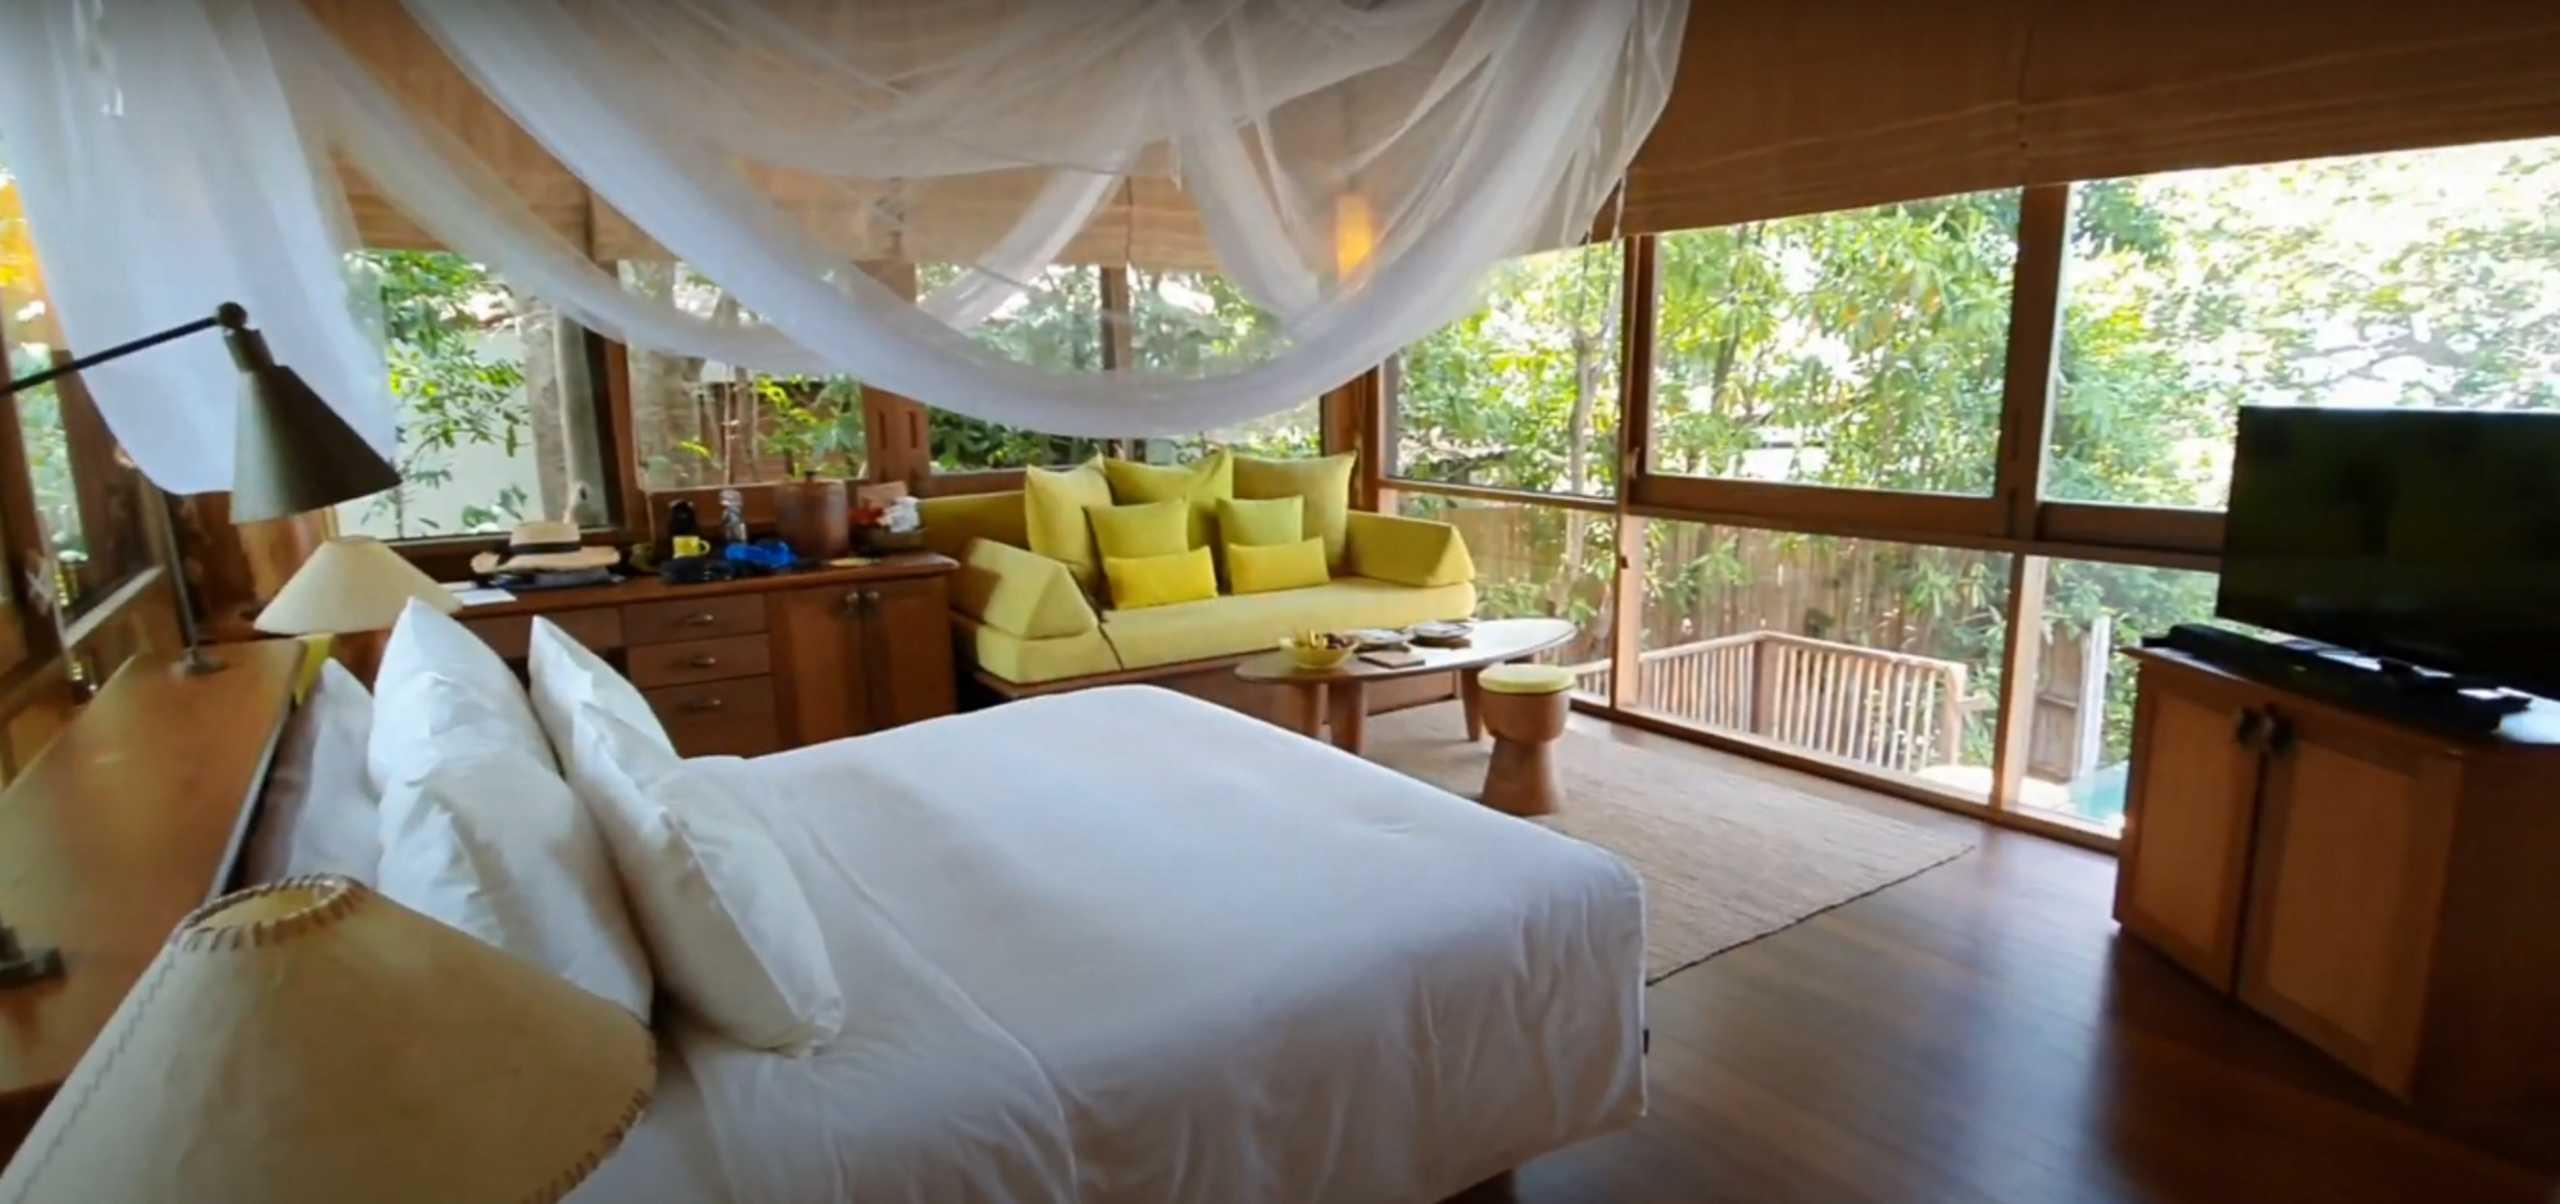 """Σε """"πεντάστερη καραντίνα"""" οι πρώτοι ξένοι τουρίστες στην Ταϊλάνδη – Ιδιωτικές πισίνες και king size κρεβάτια"""